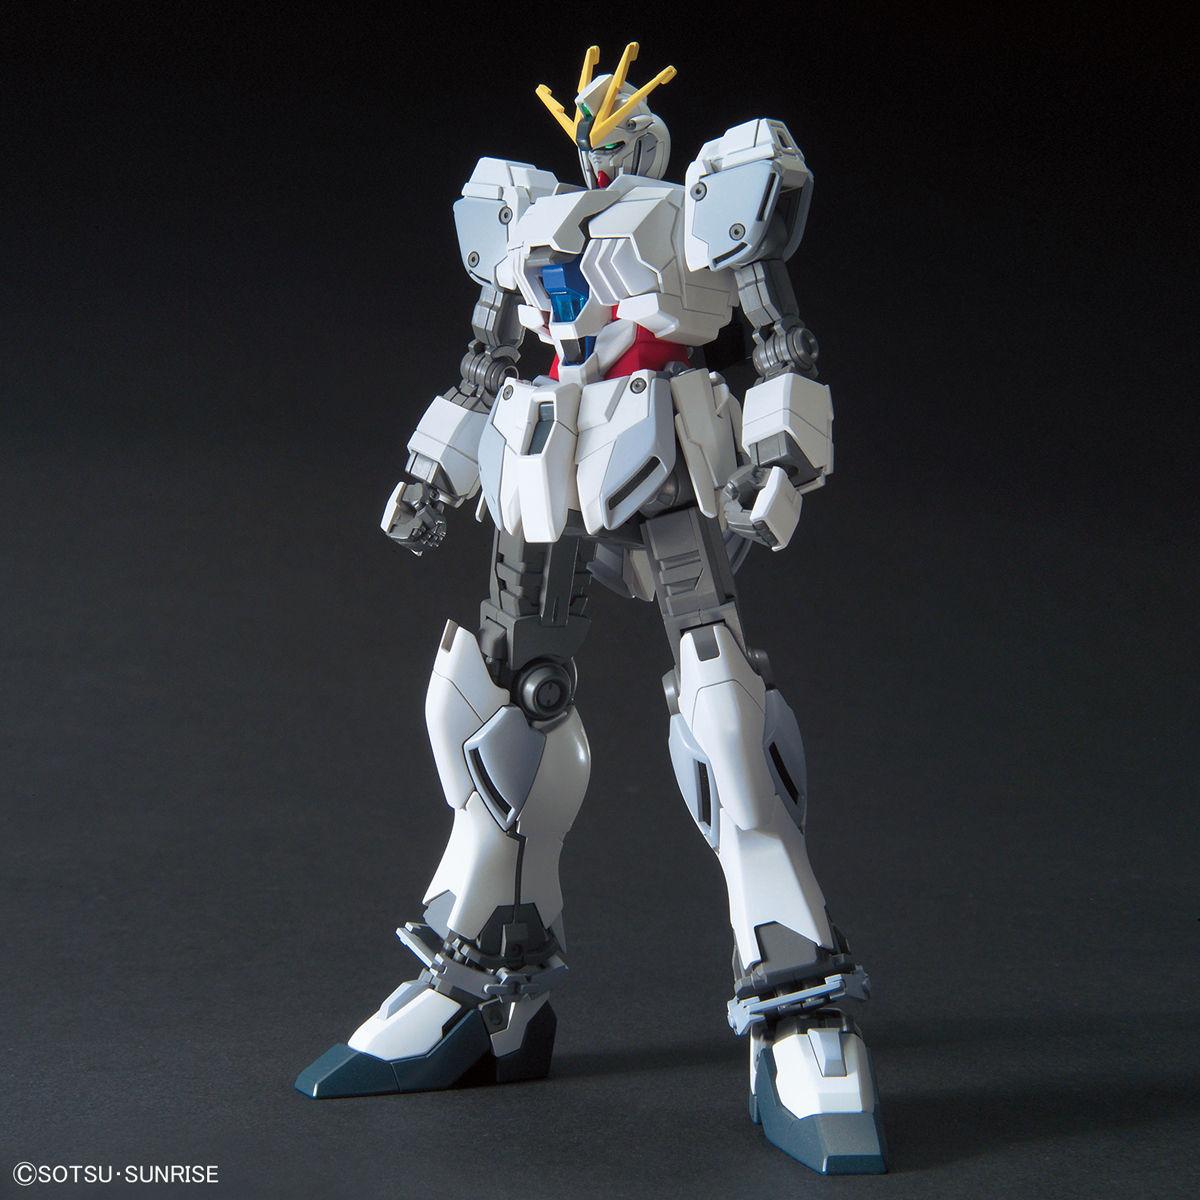 70629HGUC 1/144 RX-9/A ナラティブガンダム A装備 [Narrative Gundam A-Packs]